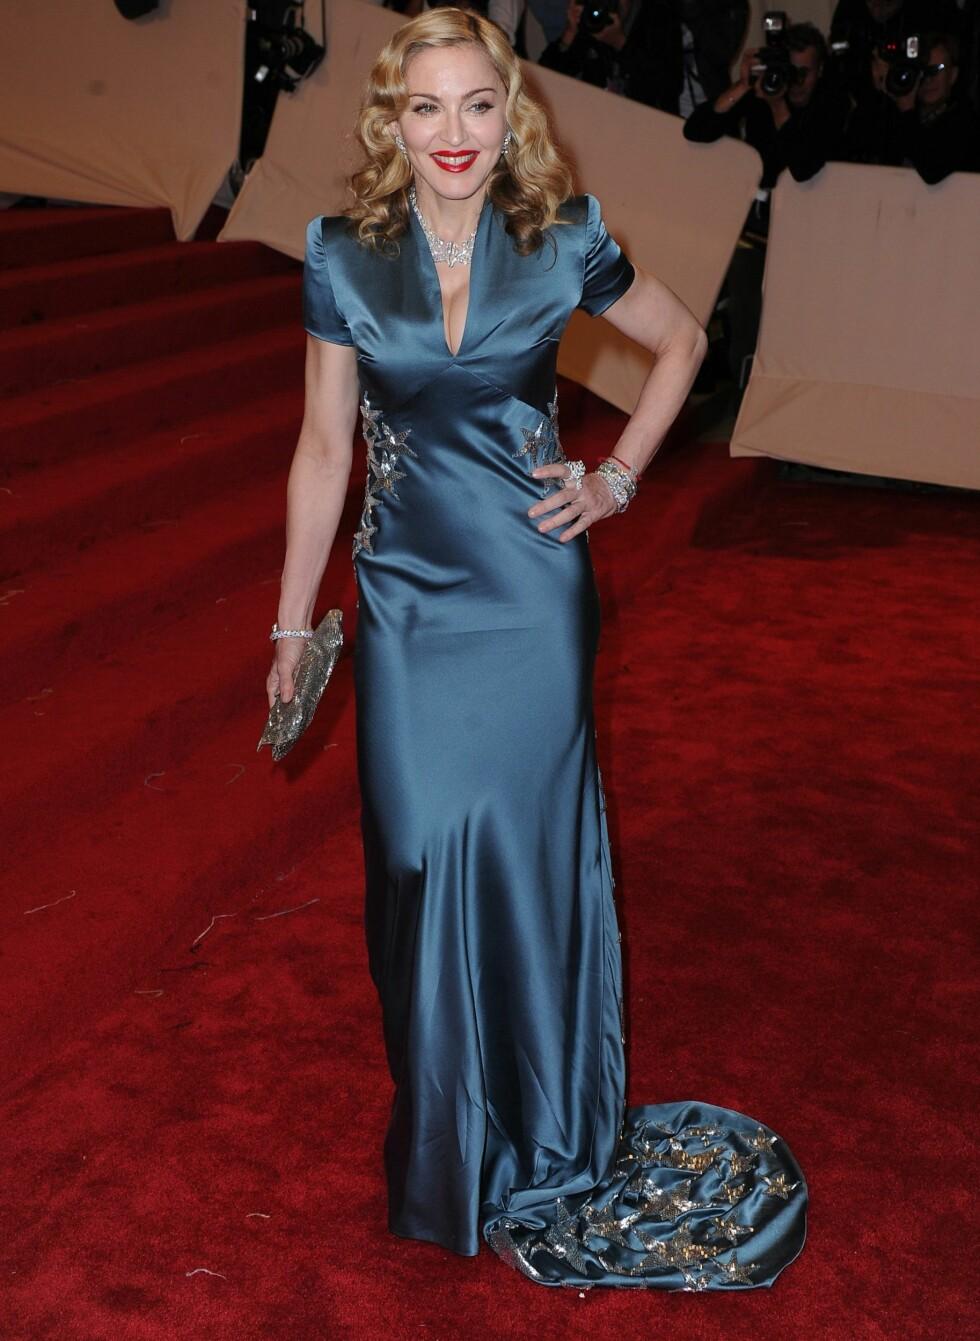 Selv om skjæringen på Stella McCartney-kjolen er dyp, er helheten tekkelig og klassisk. Foto: All Over Press